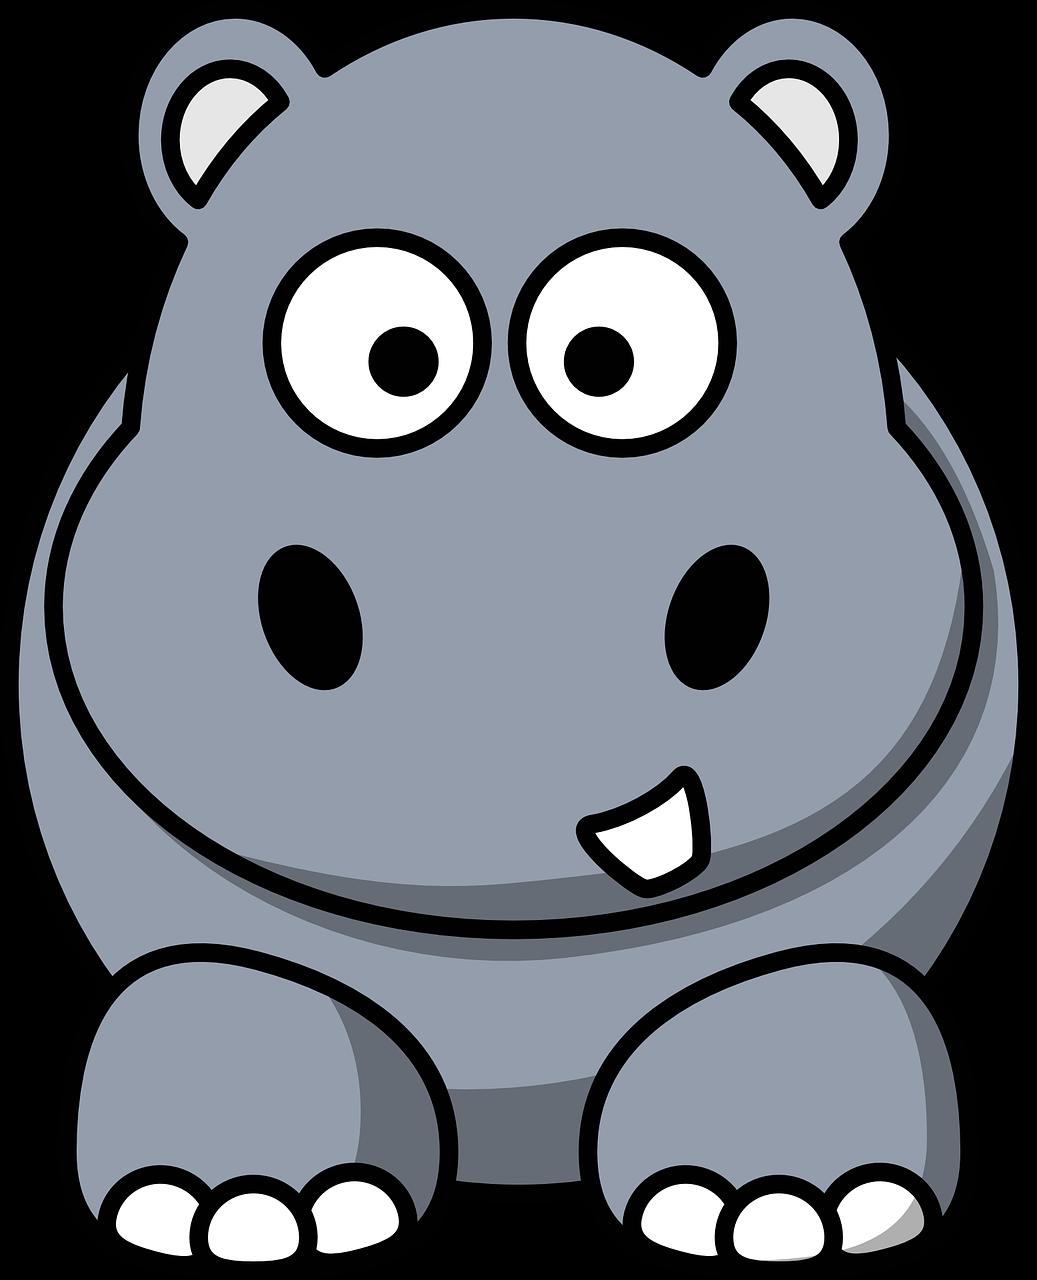 河马,卡通,灰色,野生动物,哺乳动物,野生,动物,快乐,自然,圆